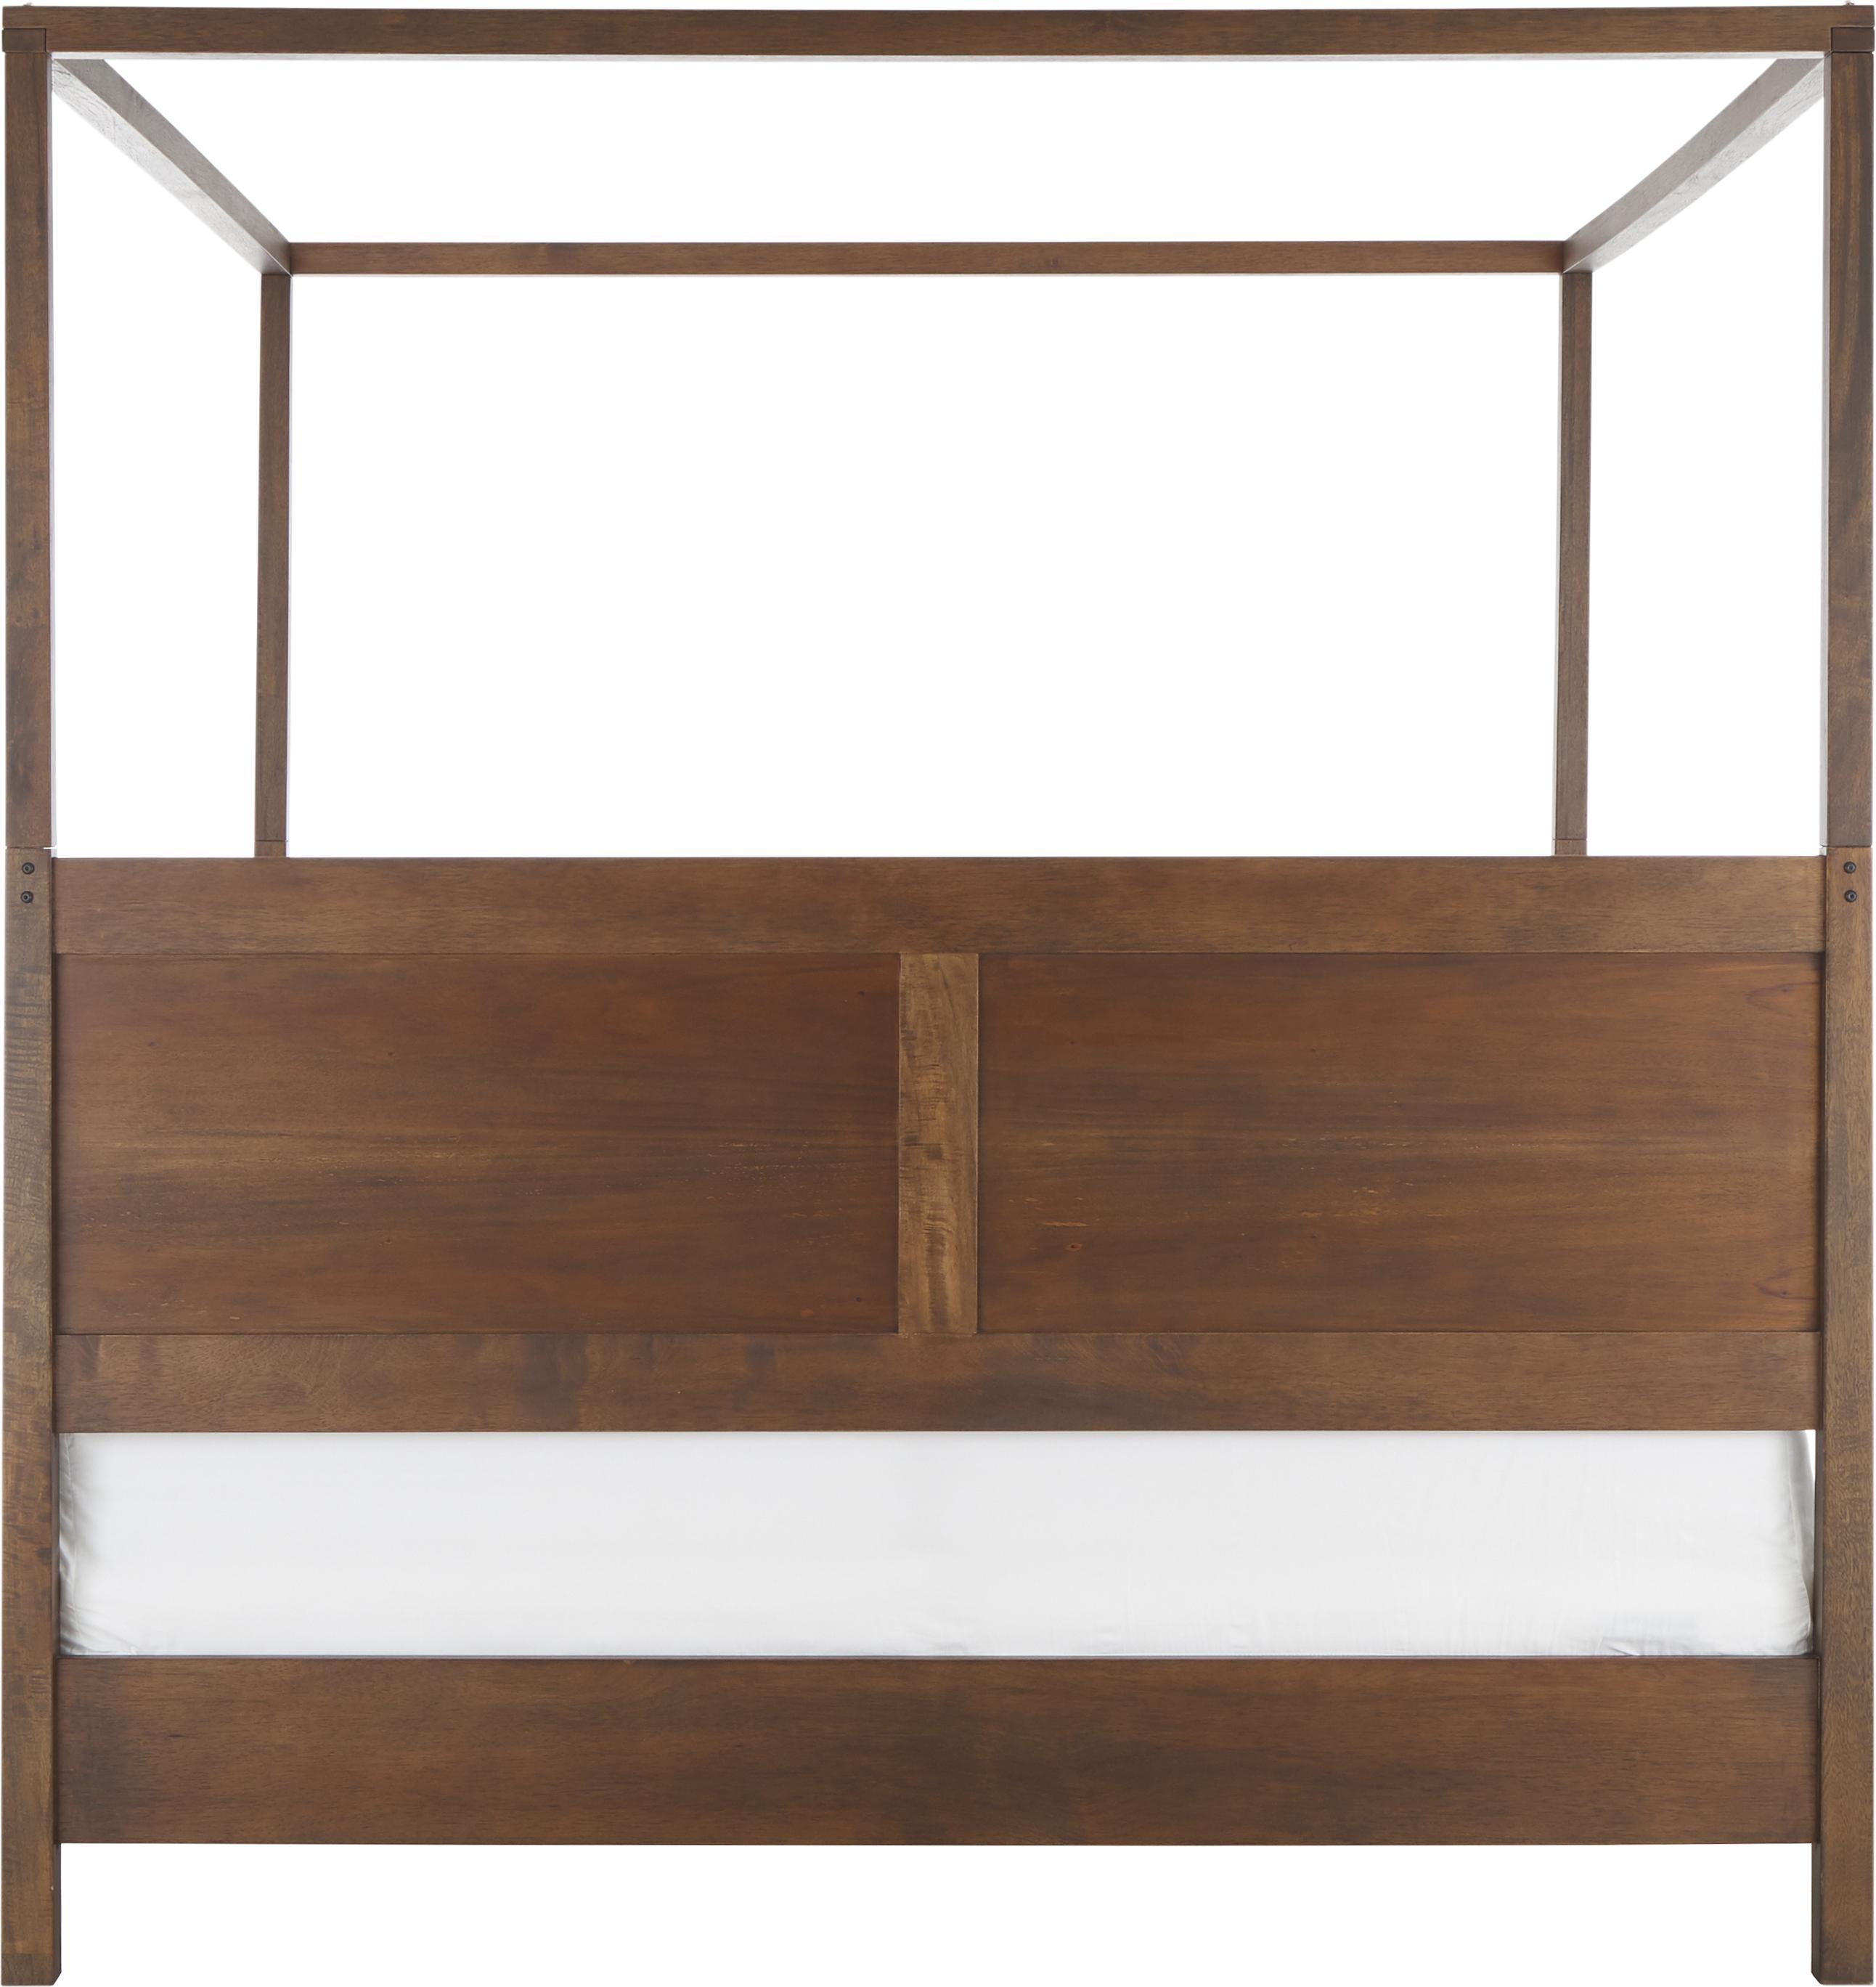 Letto a baldacchino in legno Retreat, Legno di mango con pezzi impiallacciati di teak, mogano, legno di mindi, Tonalità marrone scuro, 180 x 200 cm